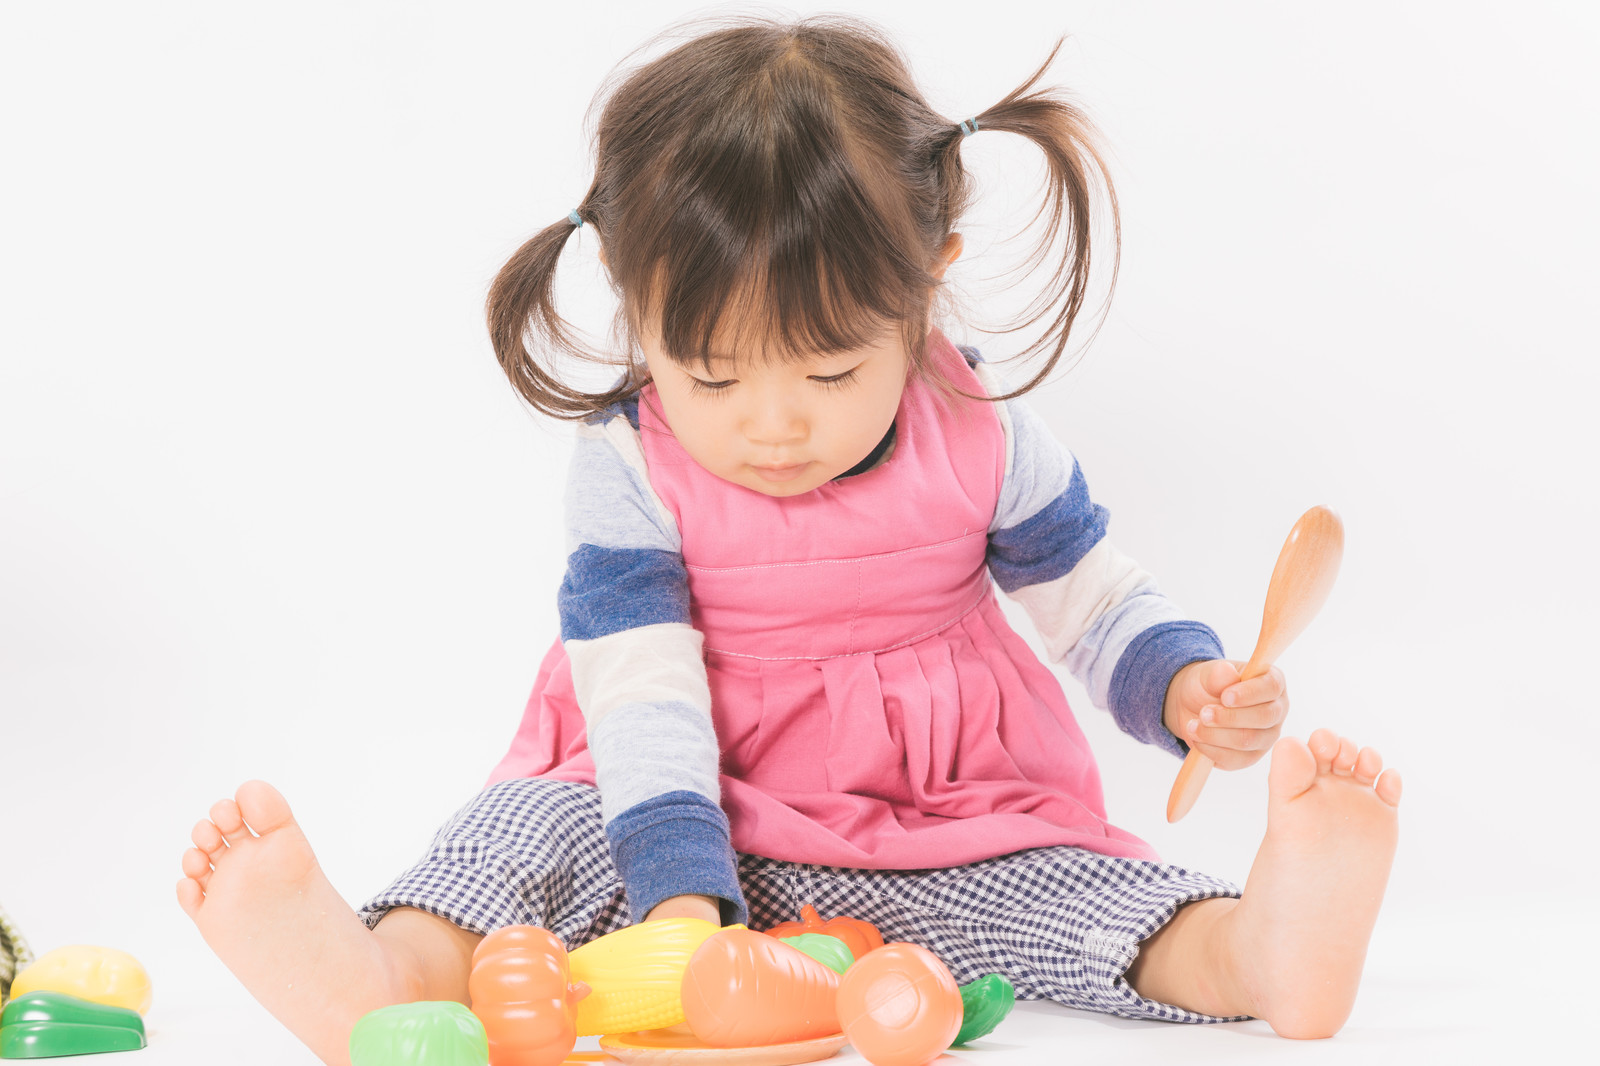 「ままごと遊びをする女の子」の写真